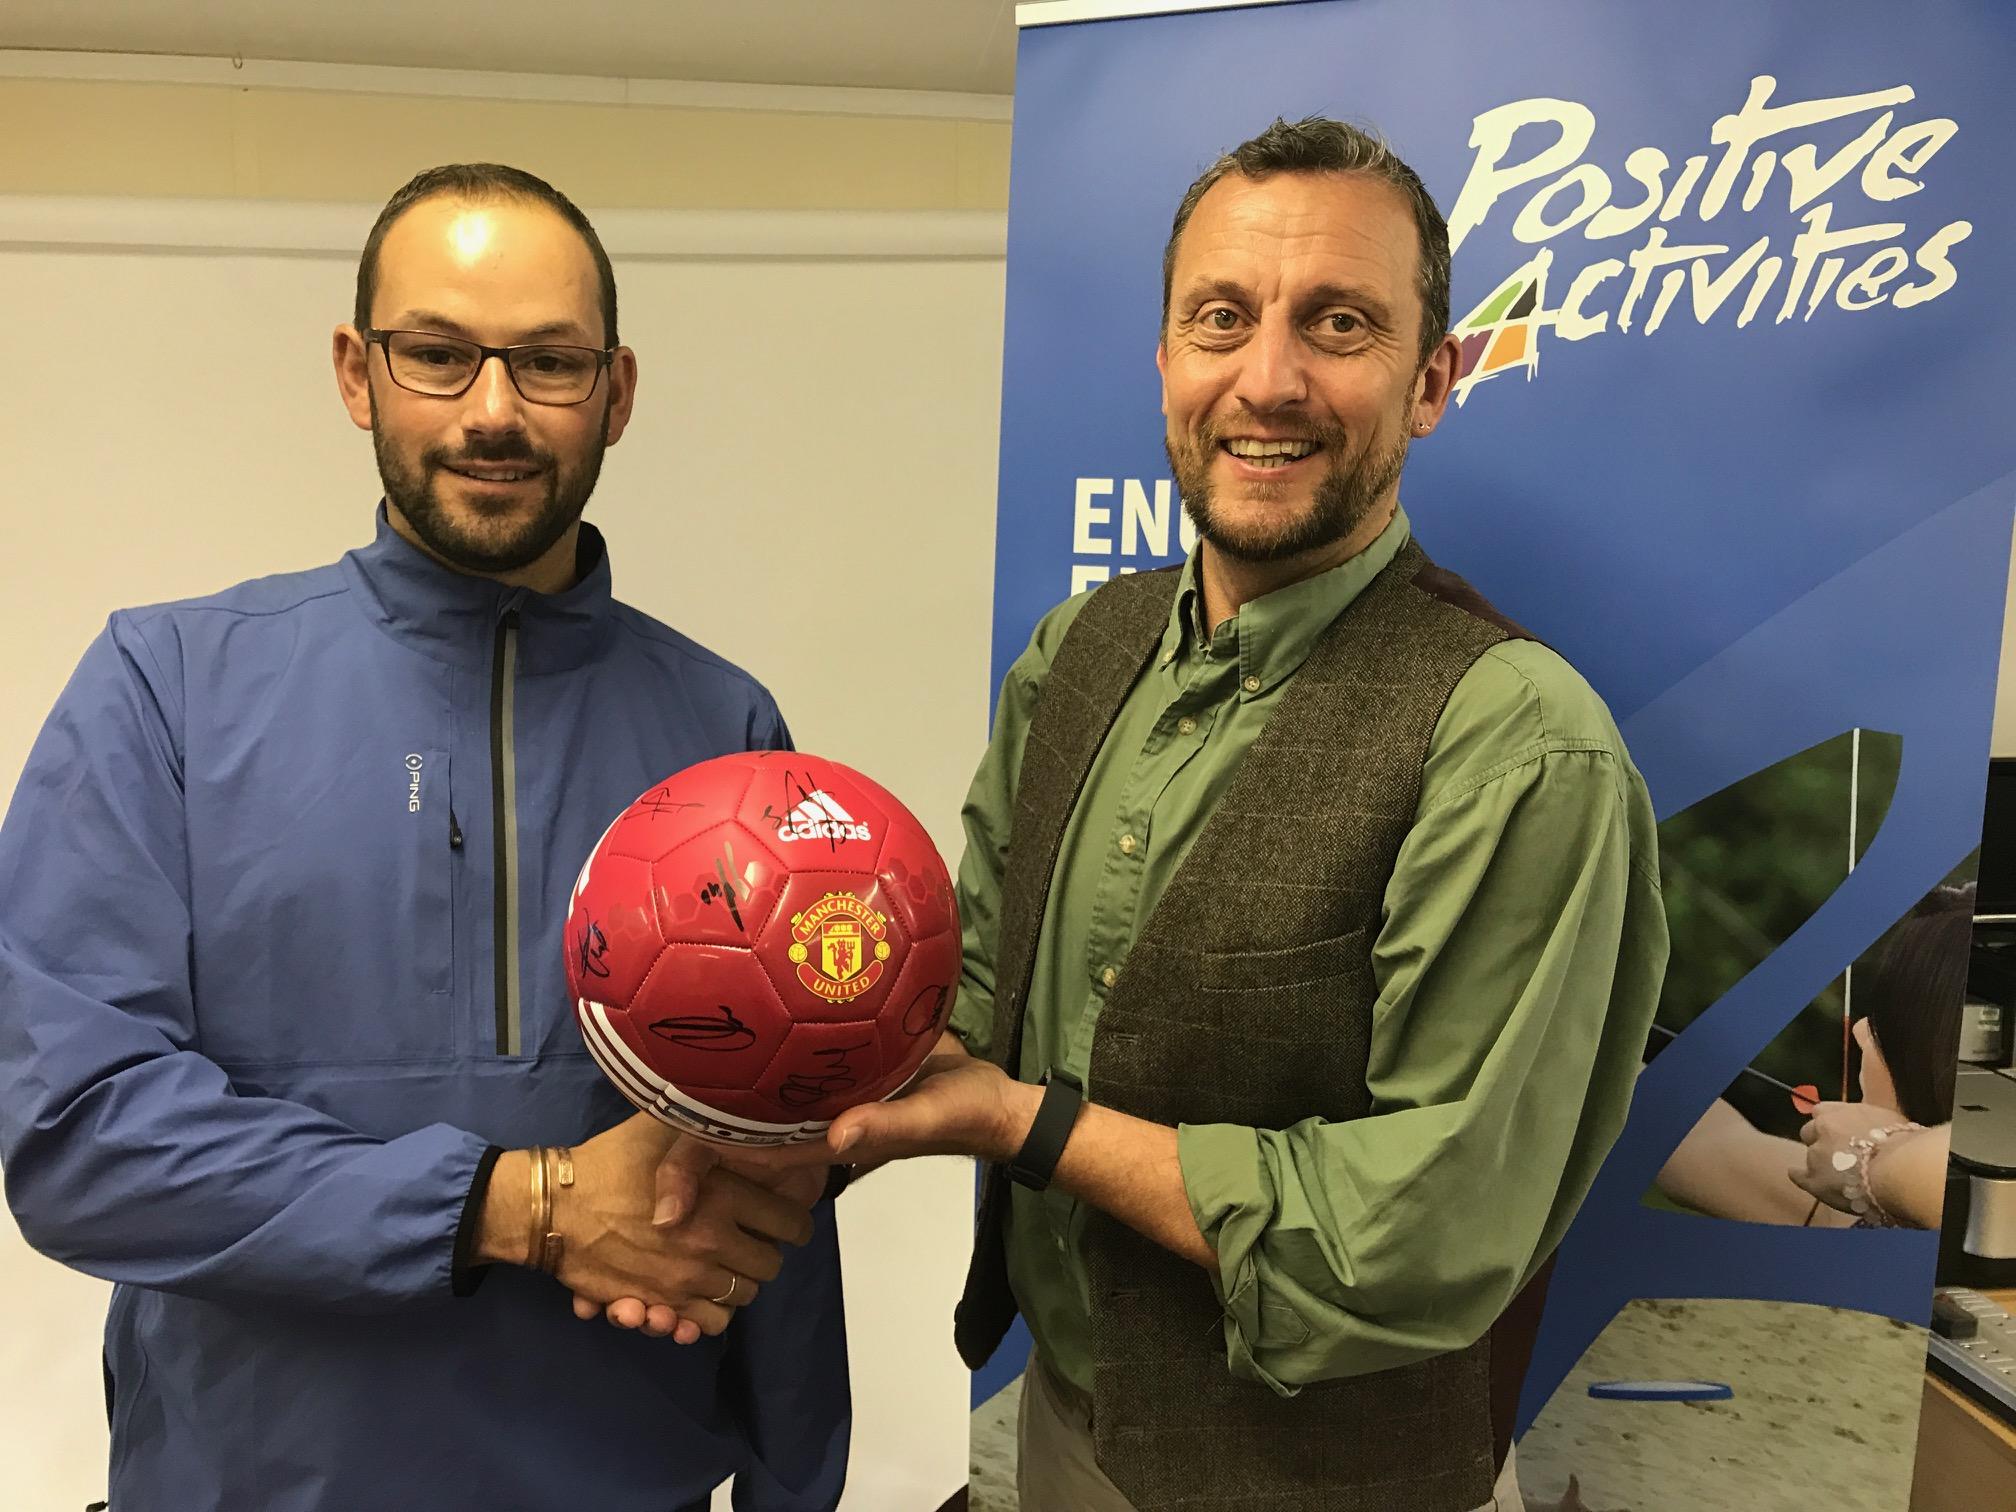 Winner of Manchester United Football